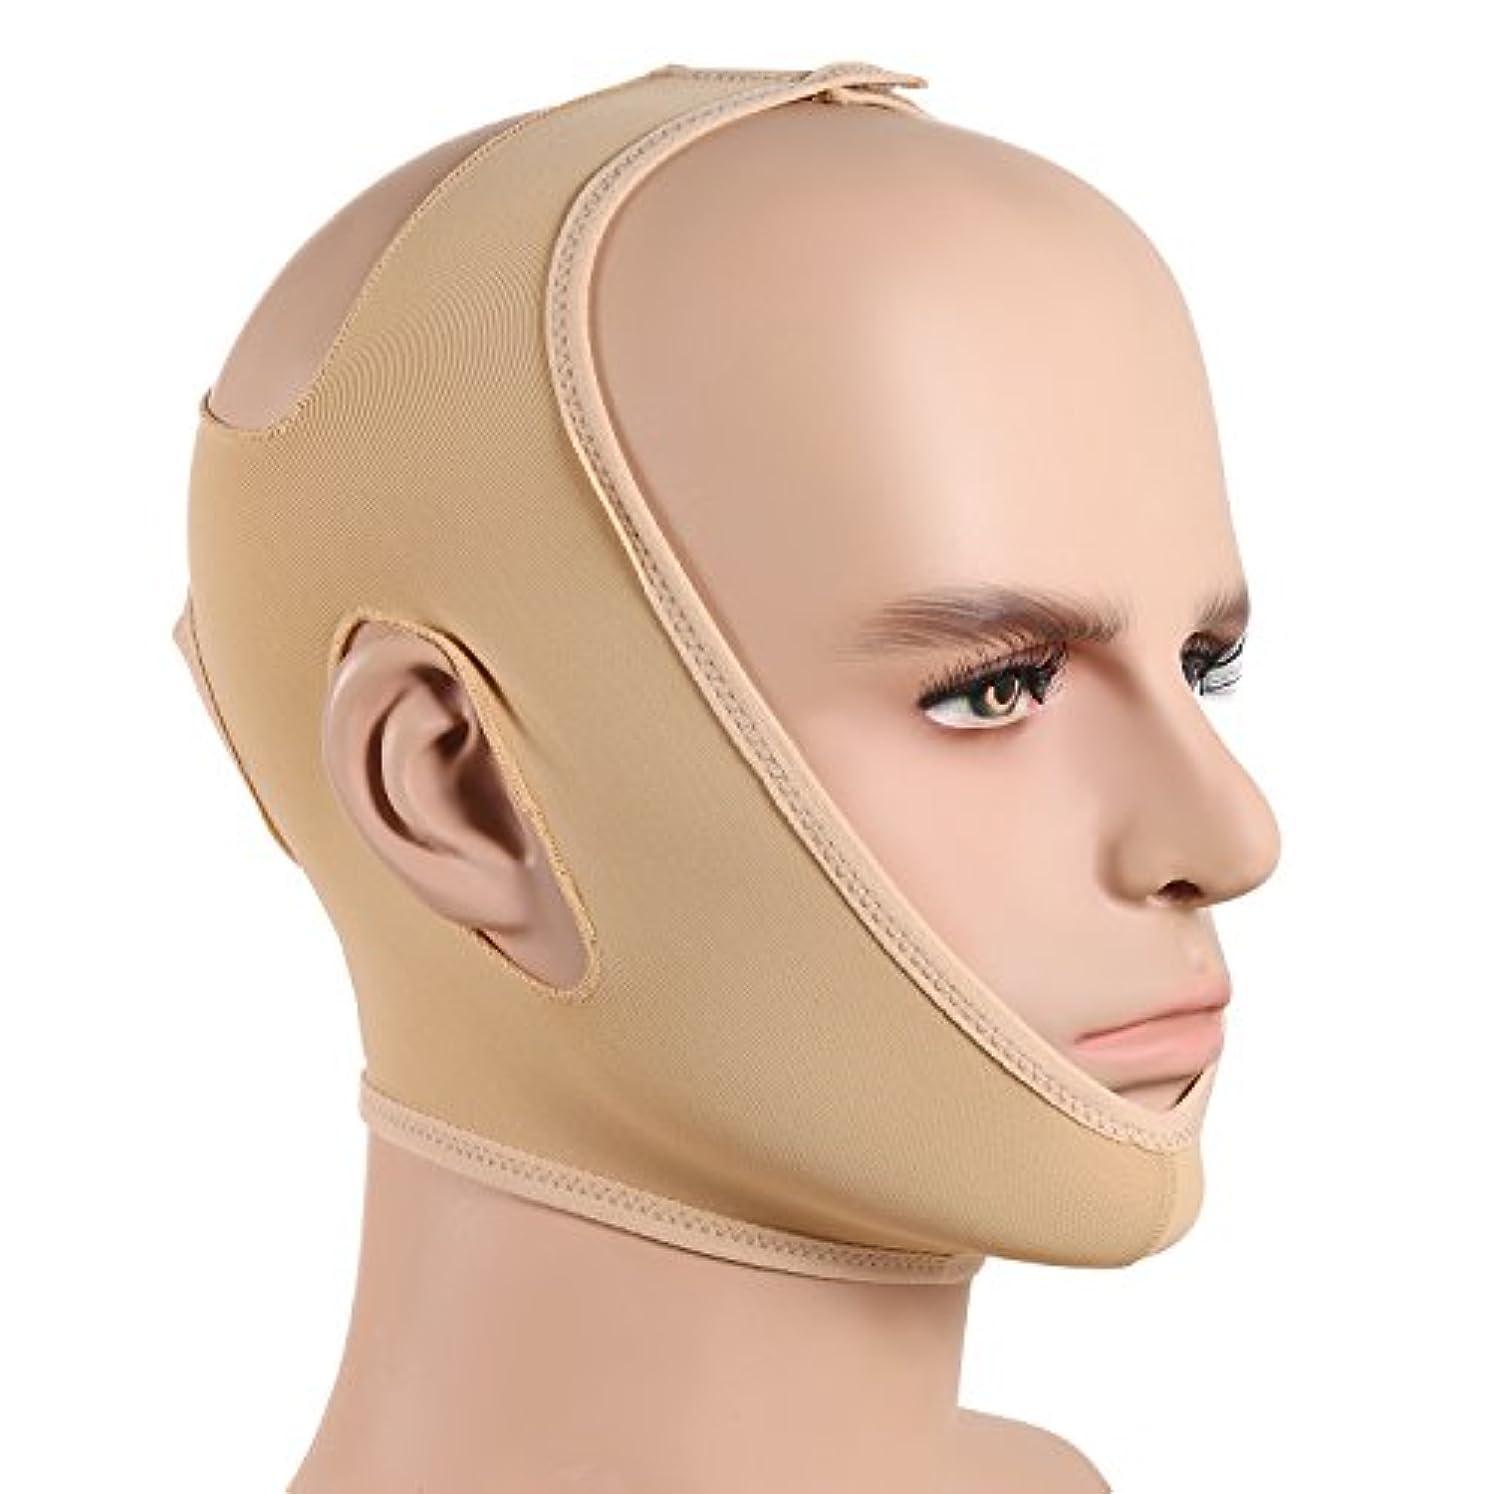 ブラウン全部文言JewelryWe 小顔ベルト 美顔マスク 眠りながら 小顔 矯正 額、顎下、頬リフトアップ 小顔マスク 男女兼用 Mサイズ